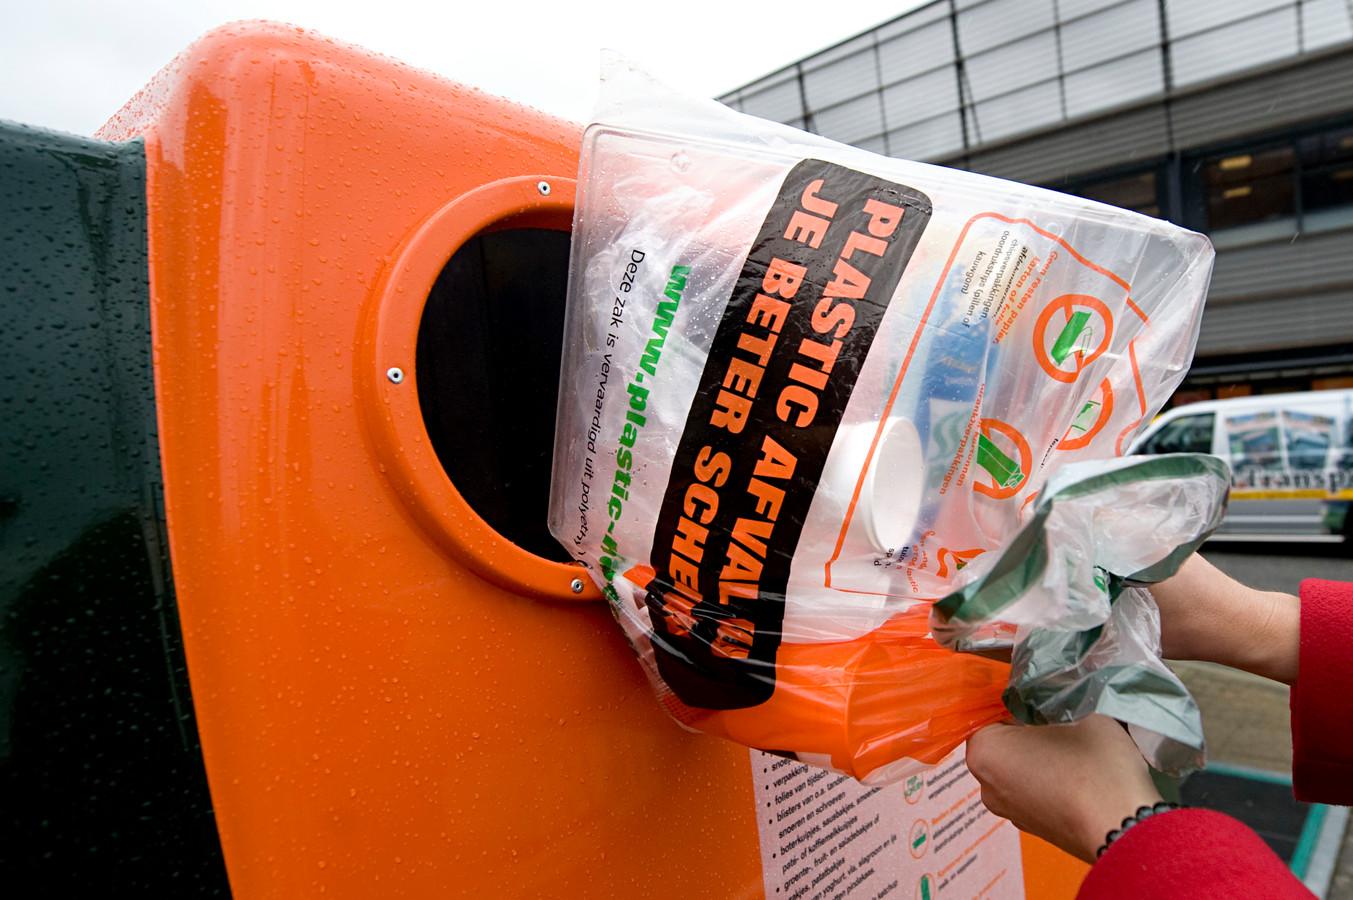 Archieffoto van een vuilniszak voor verpakkingenafval.